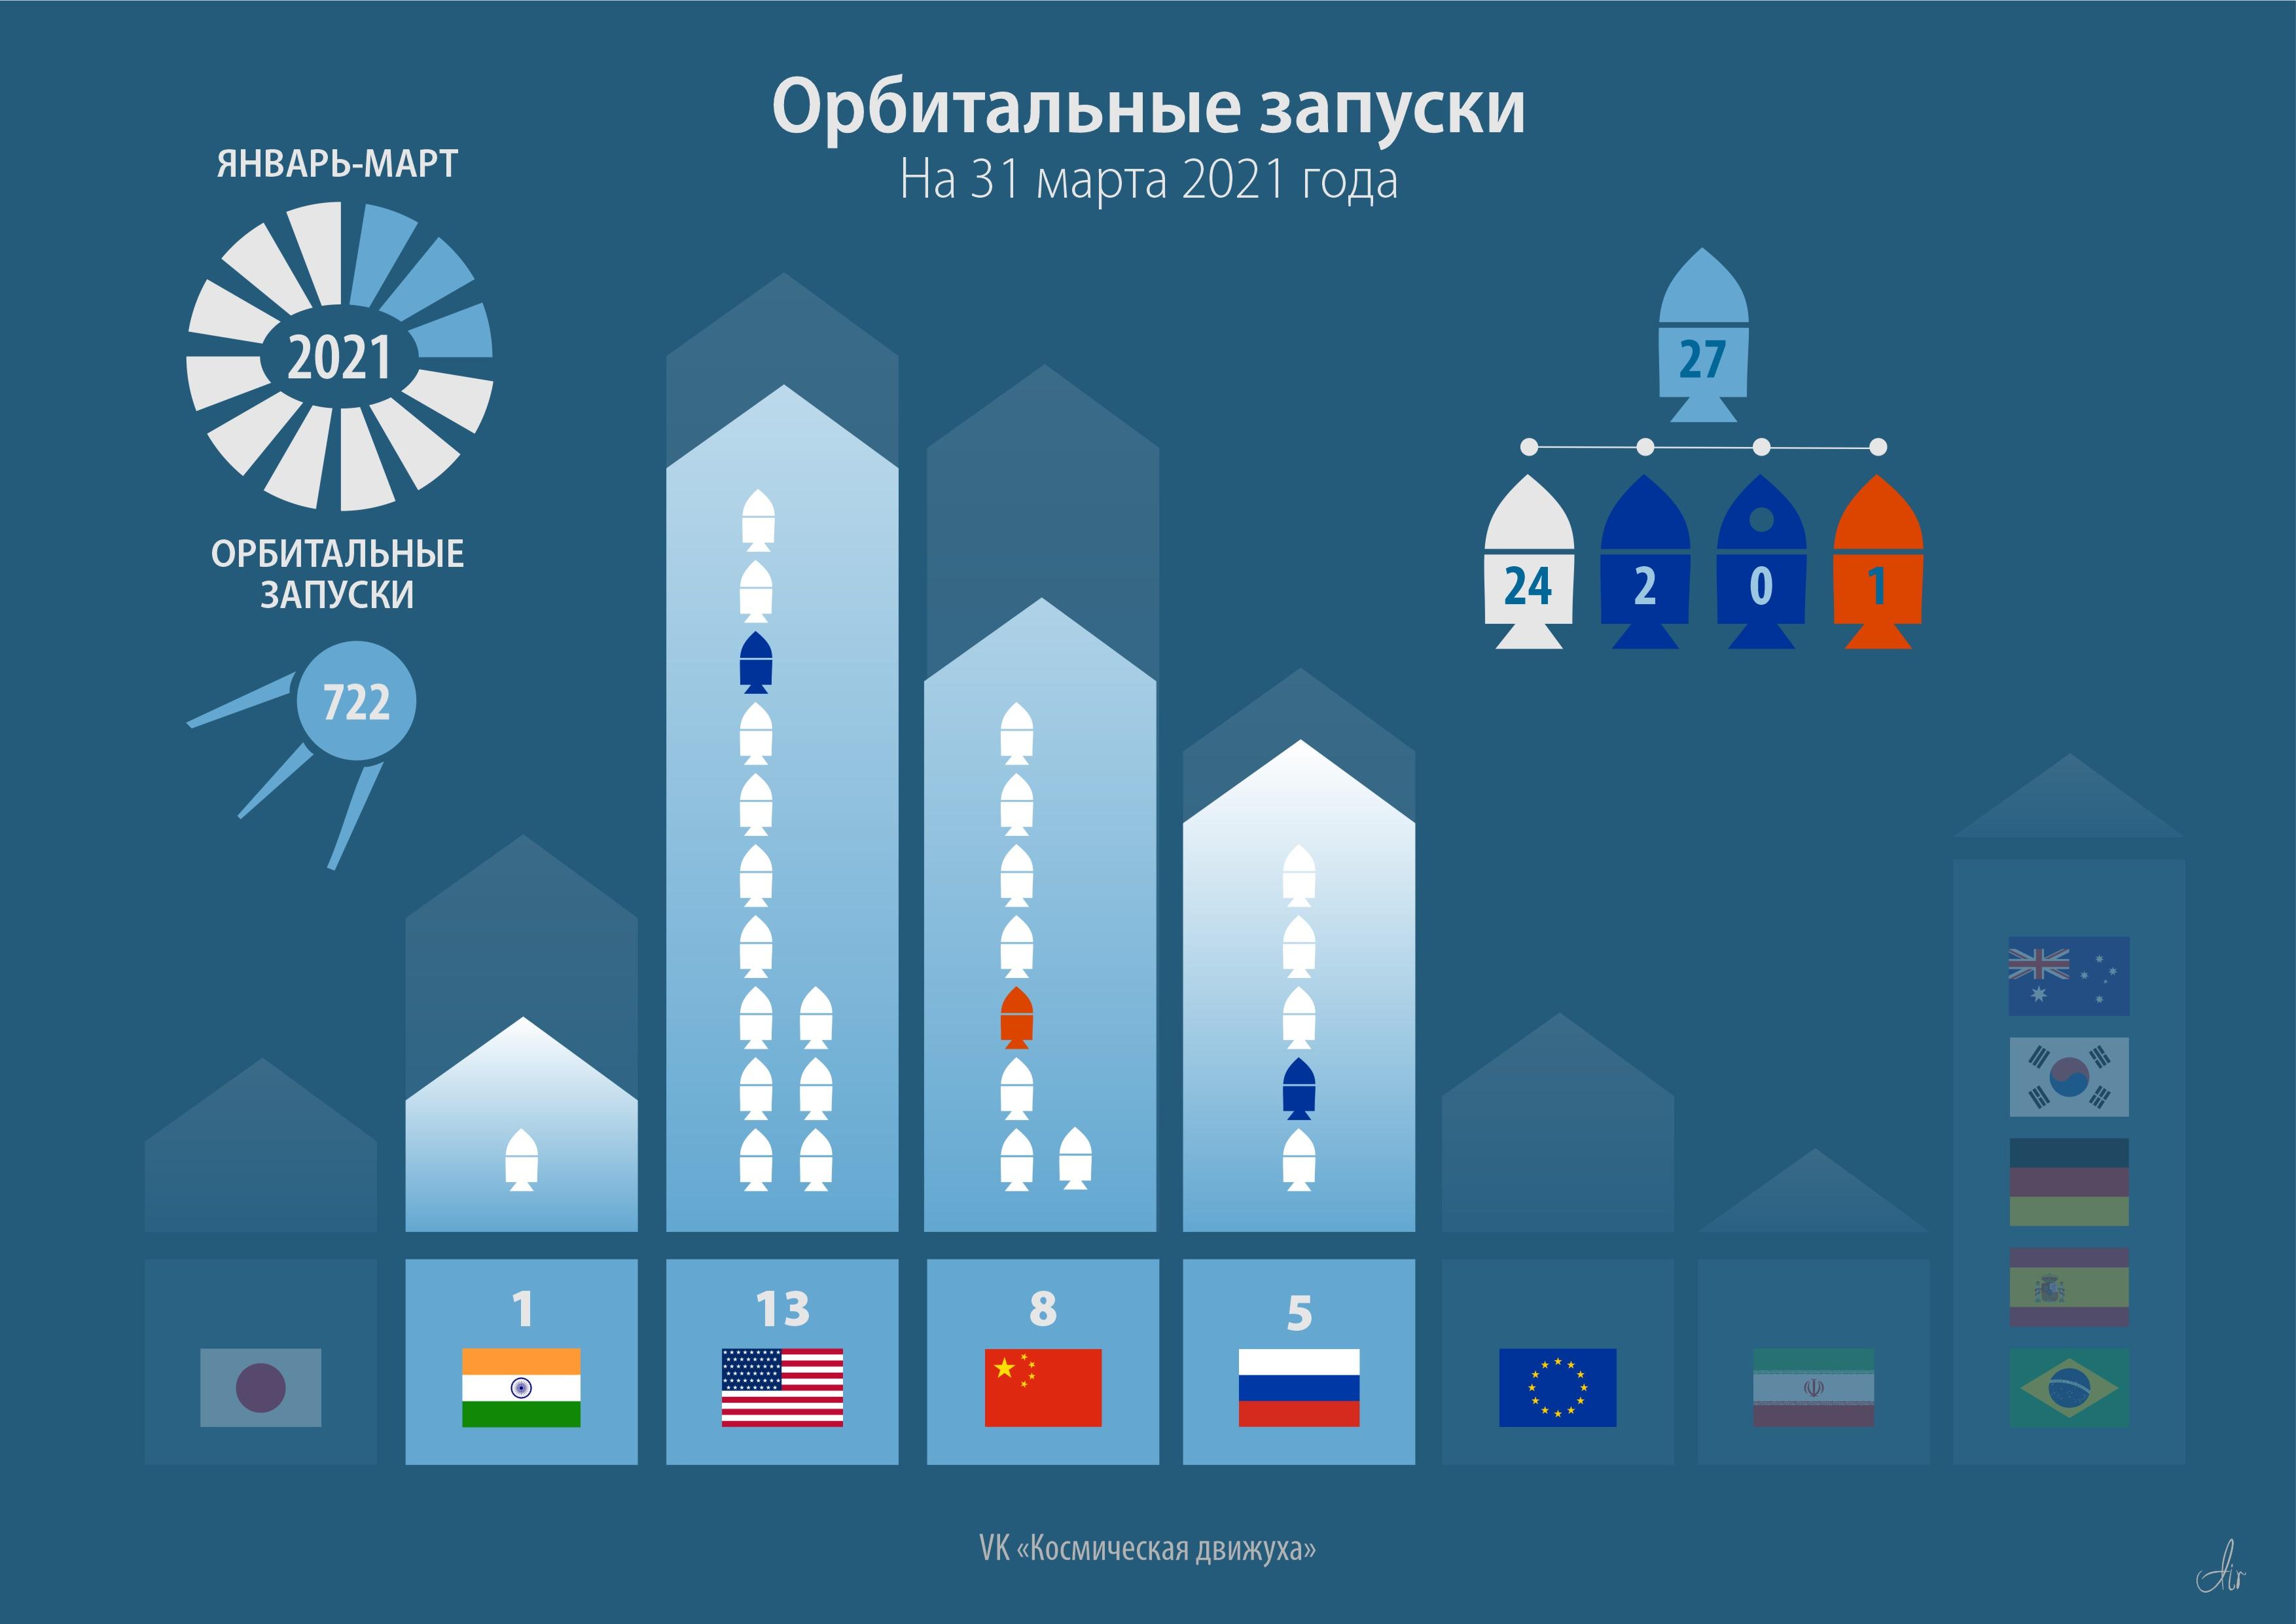 Статистика орбитальных запусков 2021 года.